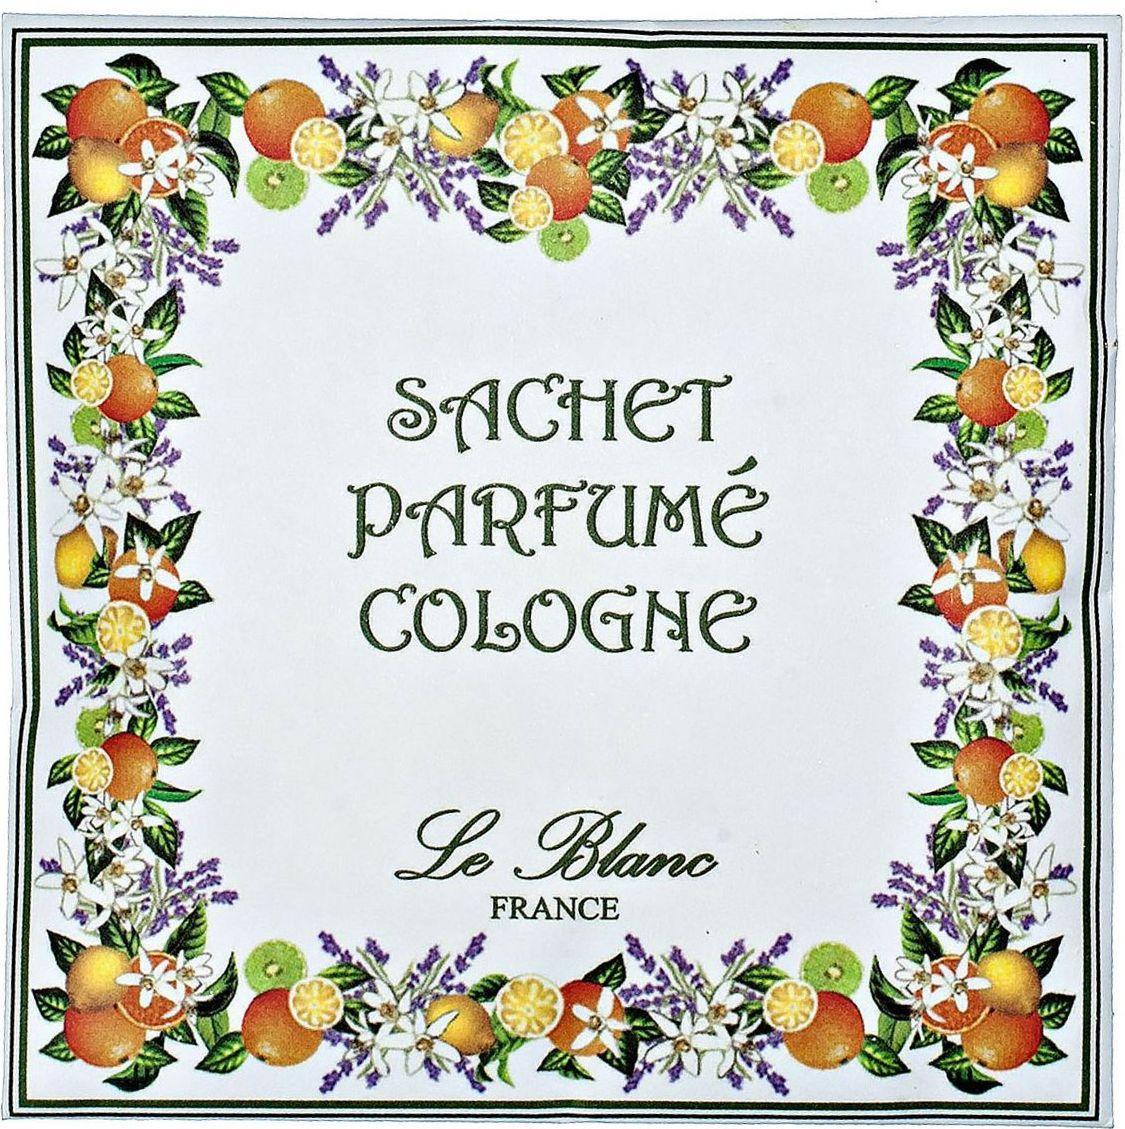 Саше ароматическое Le Blanc Цитрусовая смесь3760110095286Подарки от Le Blanc - это роскошь в мелочах, определяющих стиль. Эти изящные вещицы привносят в нашу жизнь тонкие, нежные ароматы, создают настроение легкости и воздушности. Саше относятся к разряду тех мелочей, благодаря которым создается настоящий уют в доме. Цитрусовый аромат невозможно спутать ни с чем другим. Он источает неповторимую свежесть, лёгкость, соблазнительность, словно молодая прекрасная девушка, пахнущая весной. Когда ощущаешь этот лёгкий и радостный аромат, то представляешь прекрасные деревья и растения, их источающие: бергамот, лемонграсс, грейпфрут, лимон, апельсин, мандарин, вербену. И в воображении перед нами предстаёт экзотическая зелёная роща, где растут эти чудесные тропические фрукты.